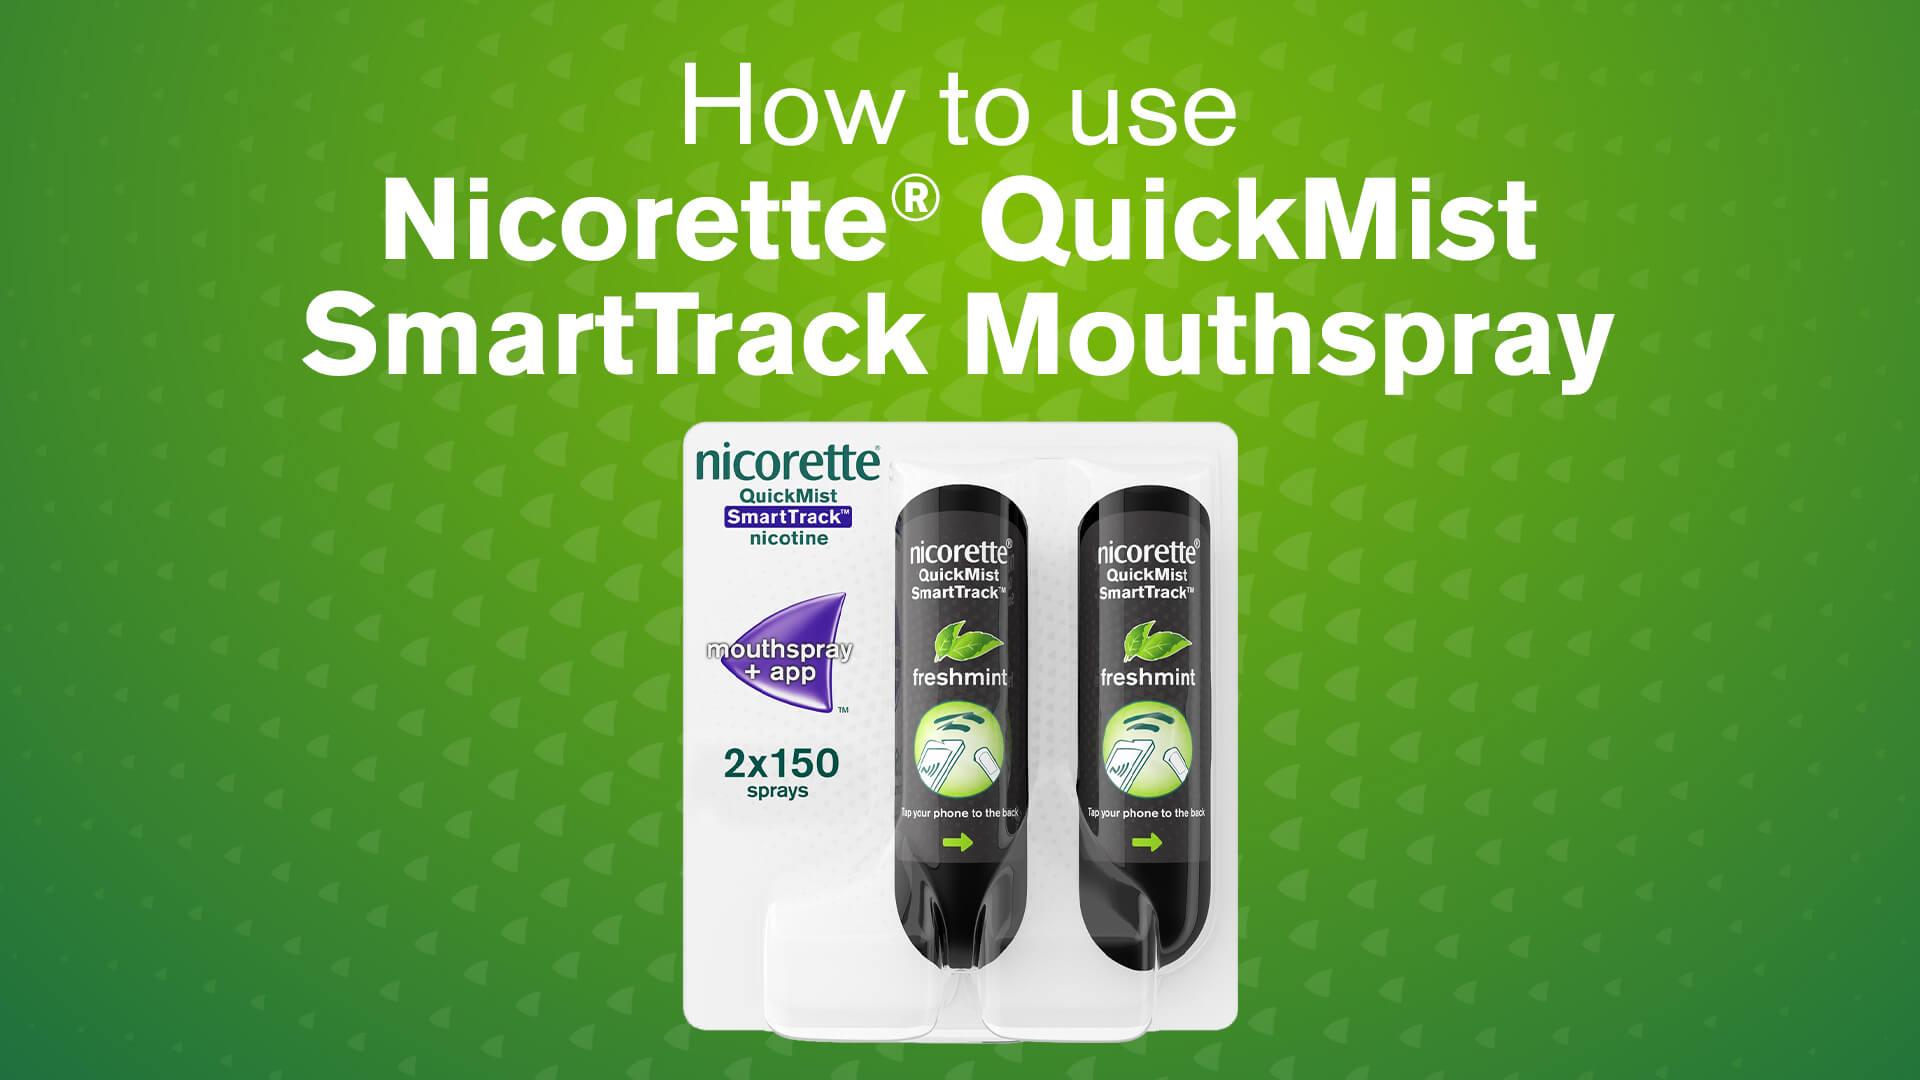 QuickMist SmartTrack™